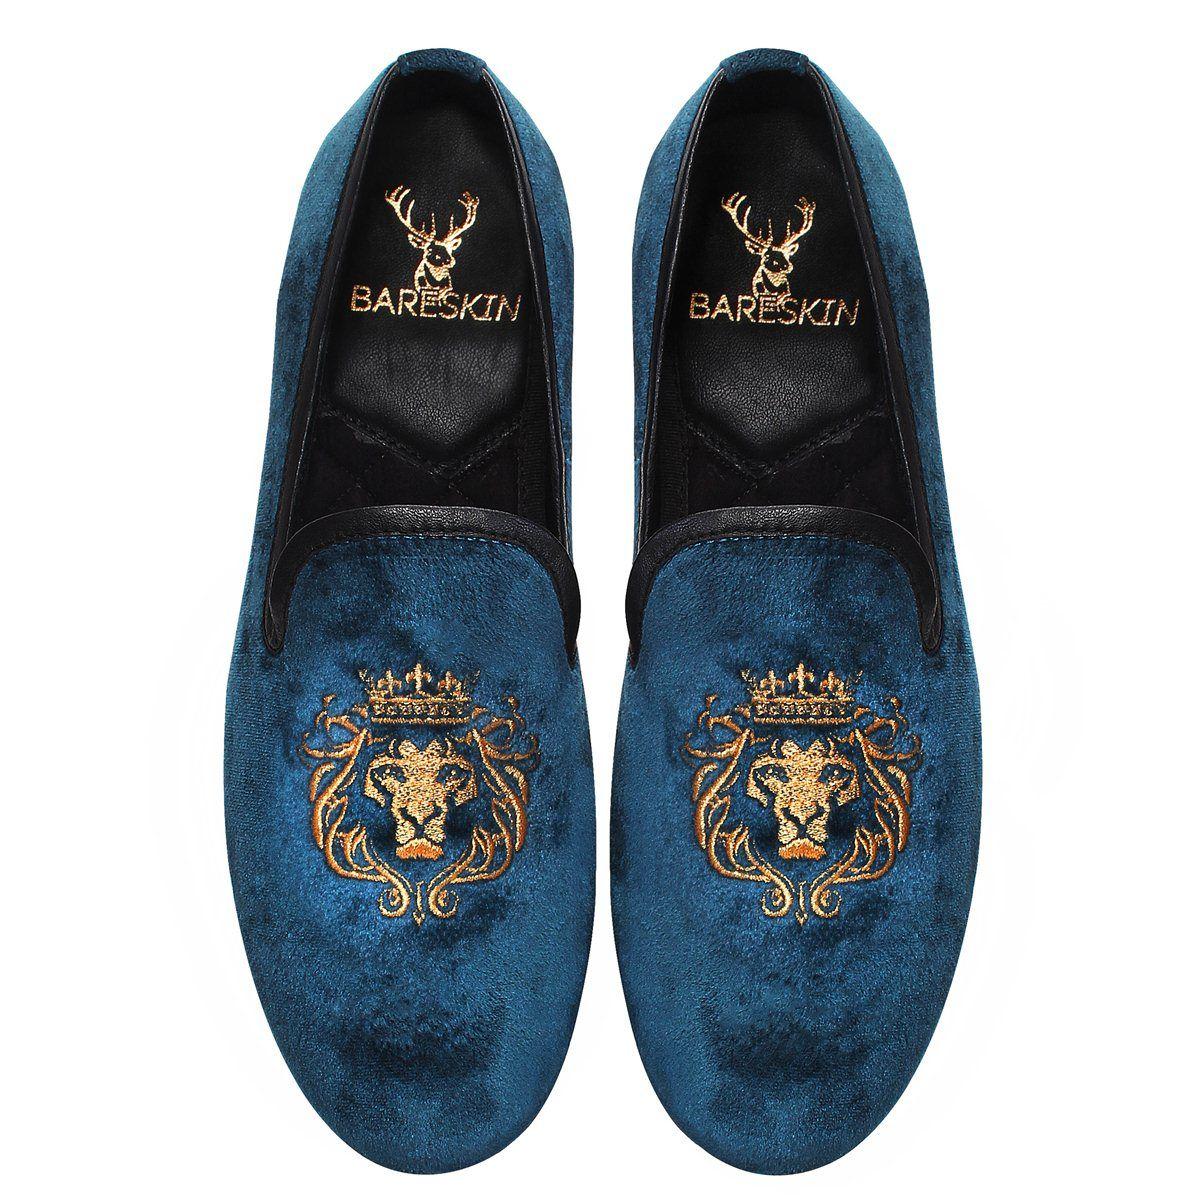 Blue Velvet / Golden Lion King Embroidery Slip-on Shoes by Bareskin